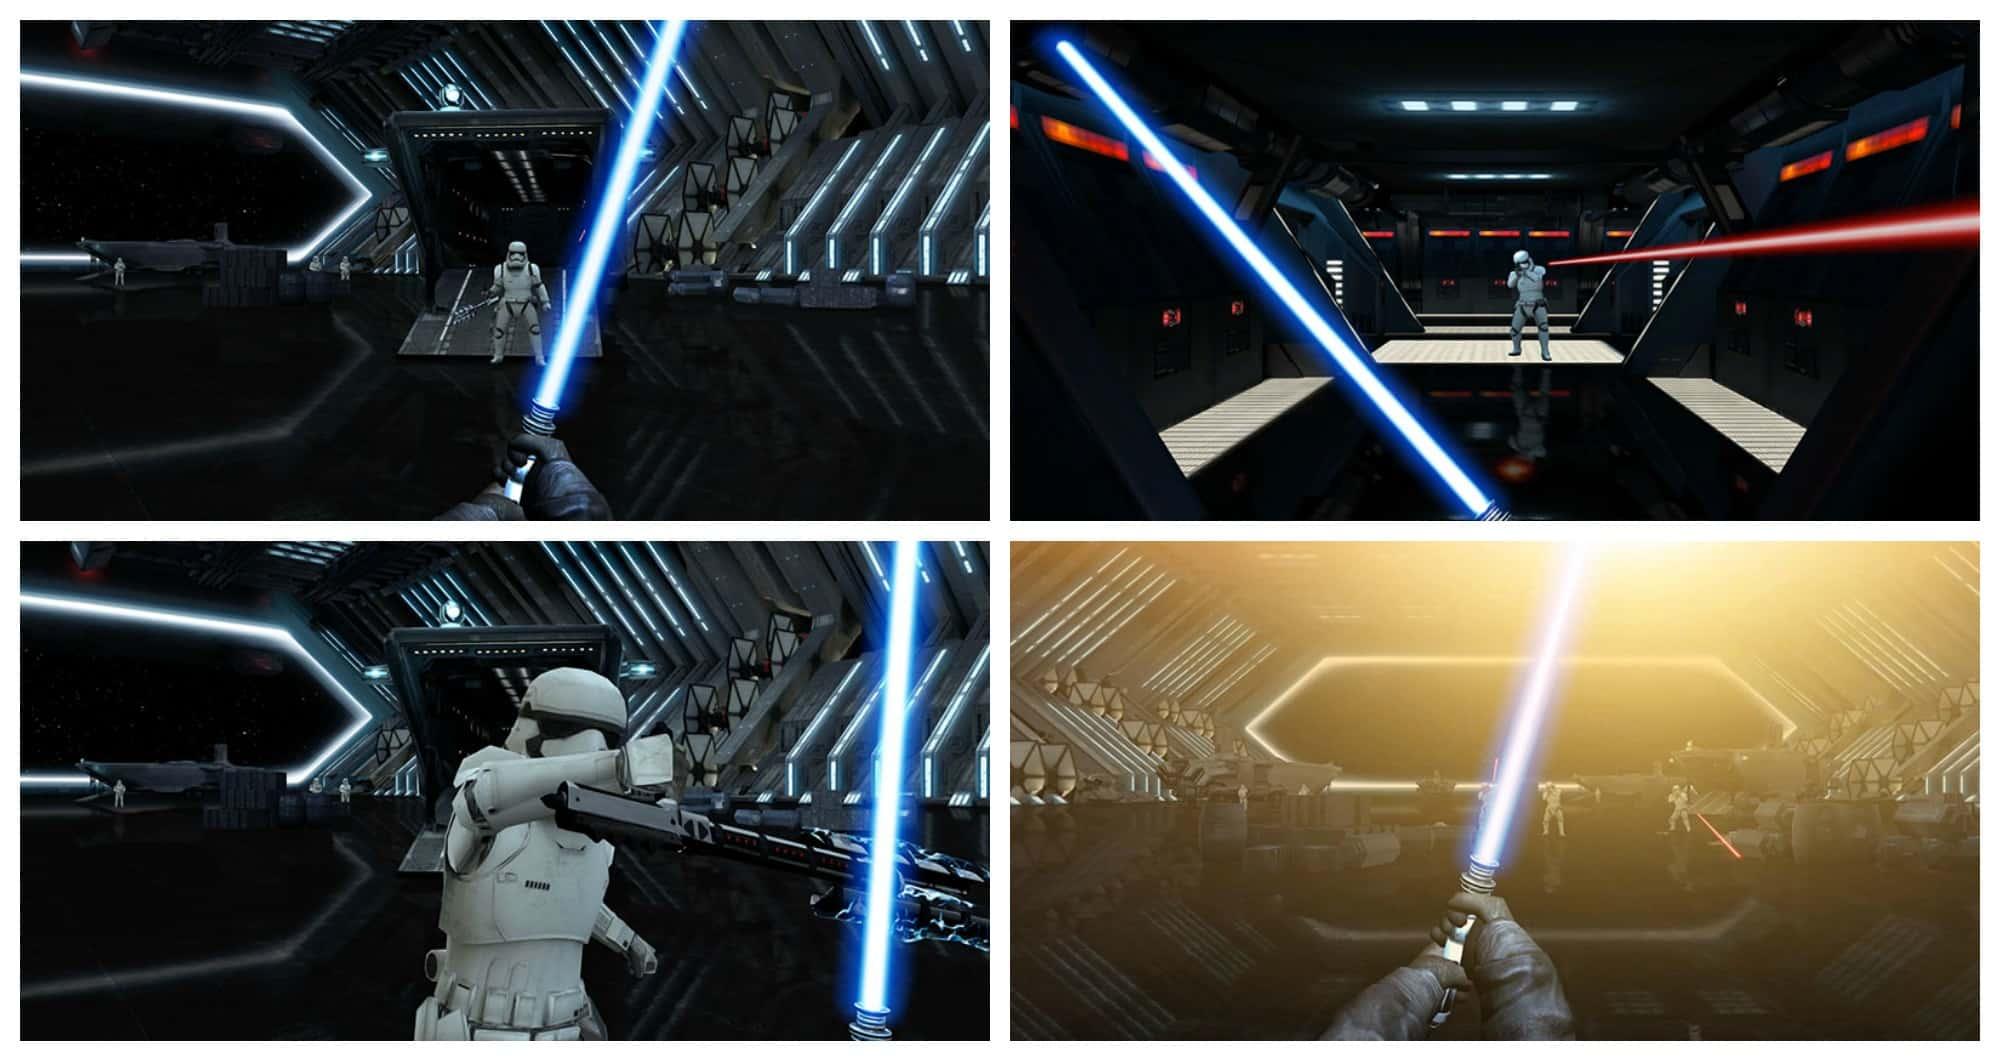 Star-Wars-Lightsaber-Escape-Chrome-Experiment